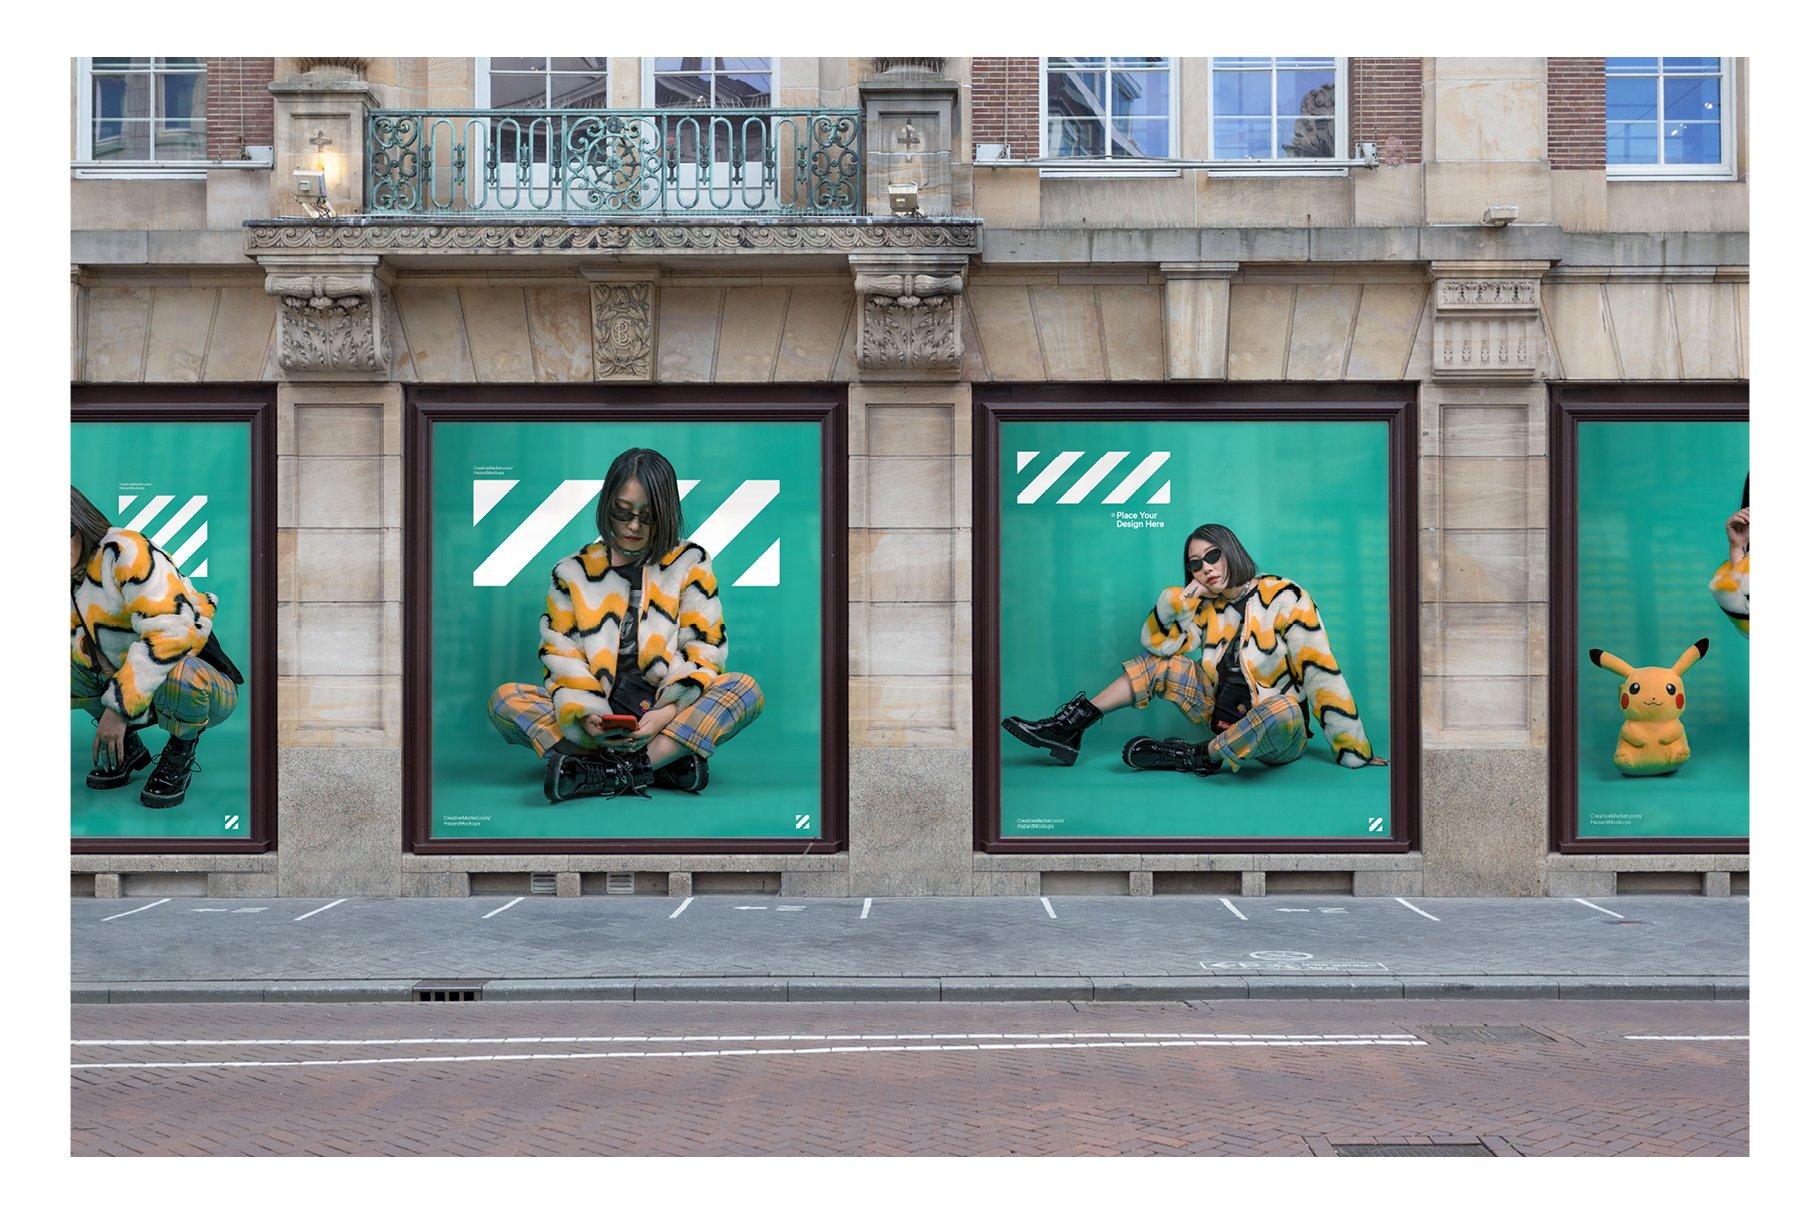 时尚街头店铺外里面橱窗玻璃贴纸广告海报设计展示样机 Shop Facade Mockup Bundle插图7